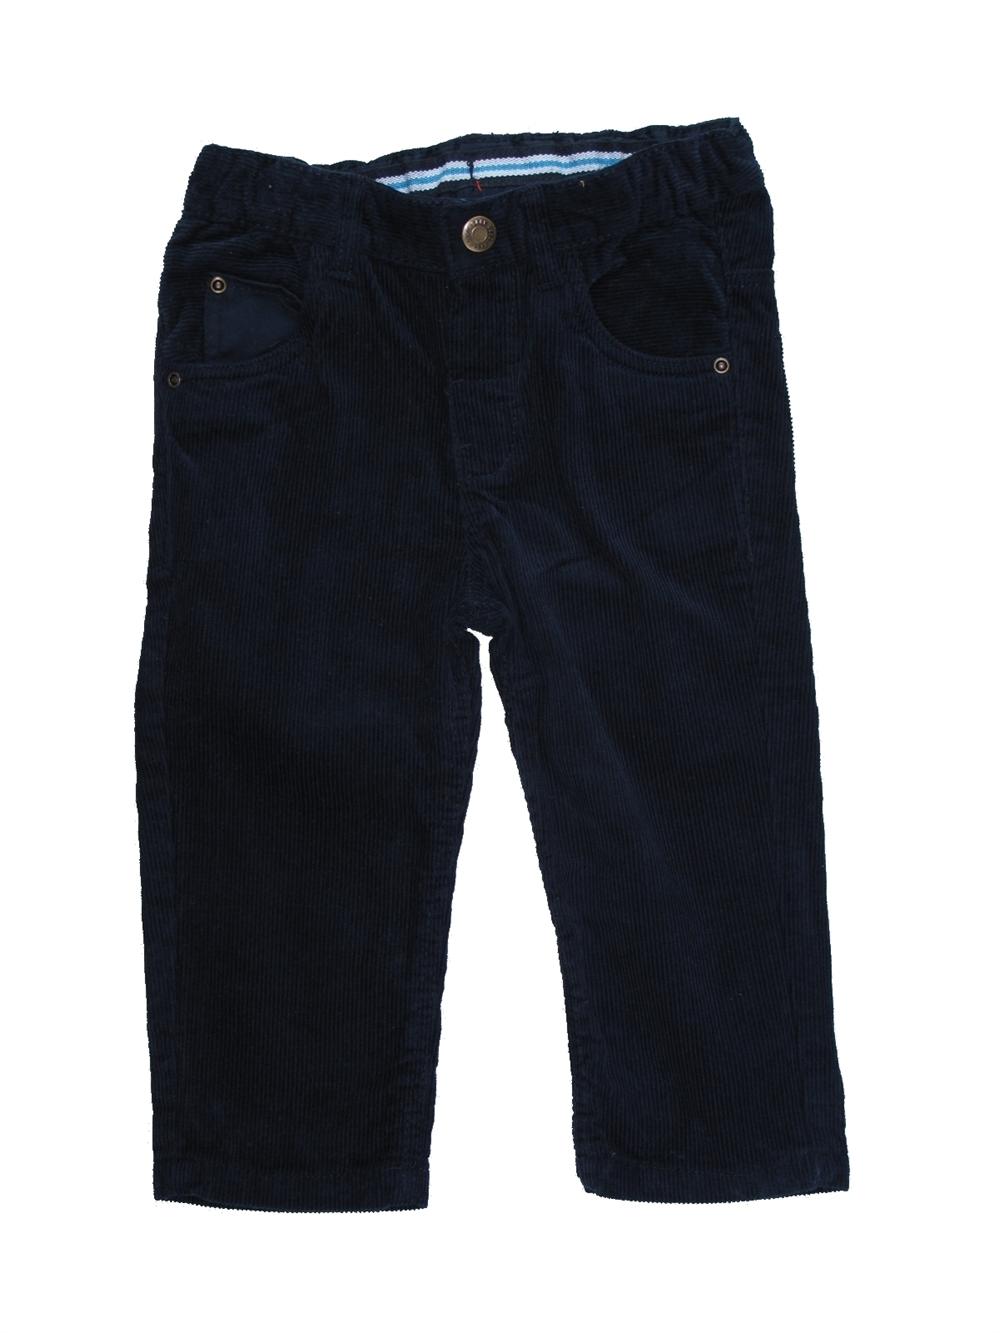 pantalon garcon h m 12 mois pas cher. Black Bedroom Furniture Sets. Home Design Ideas